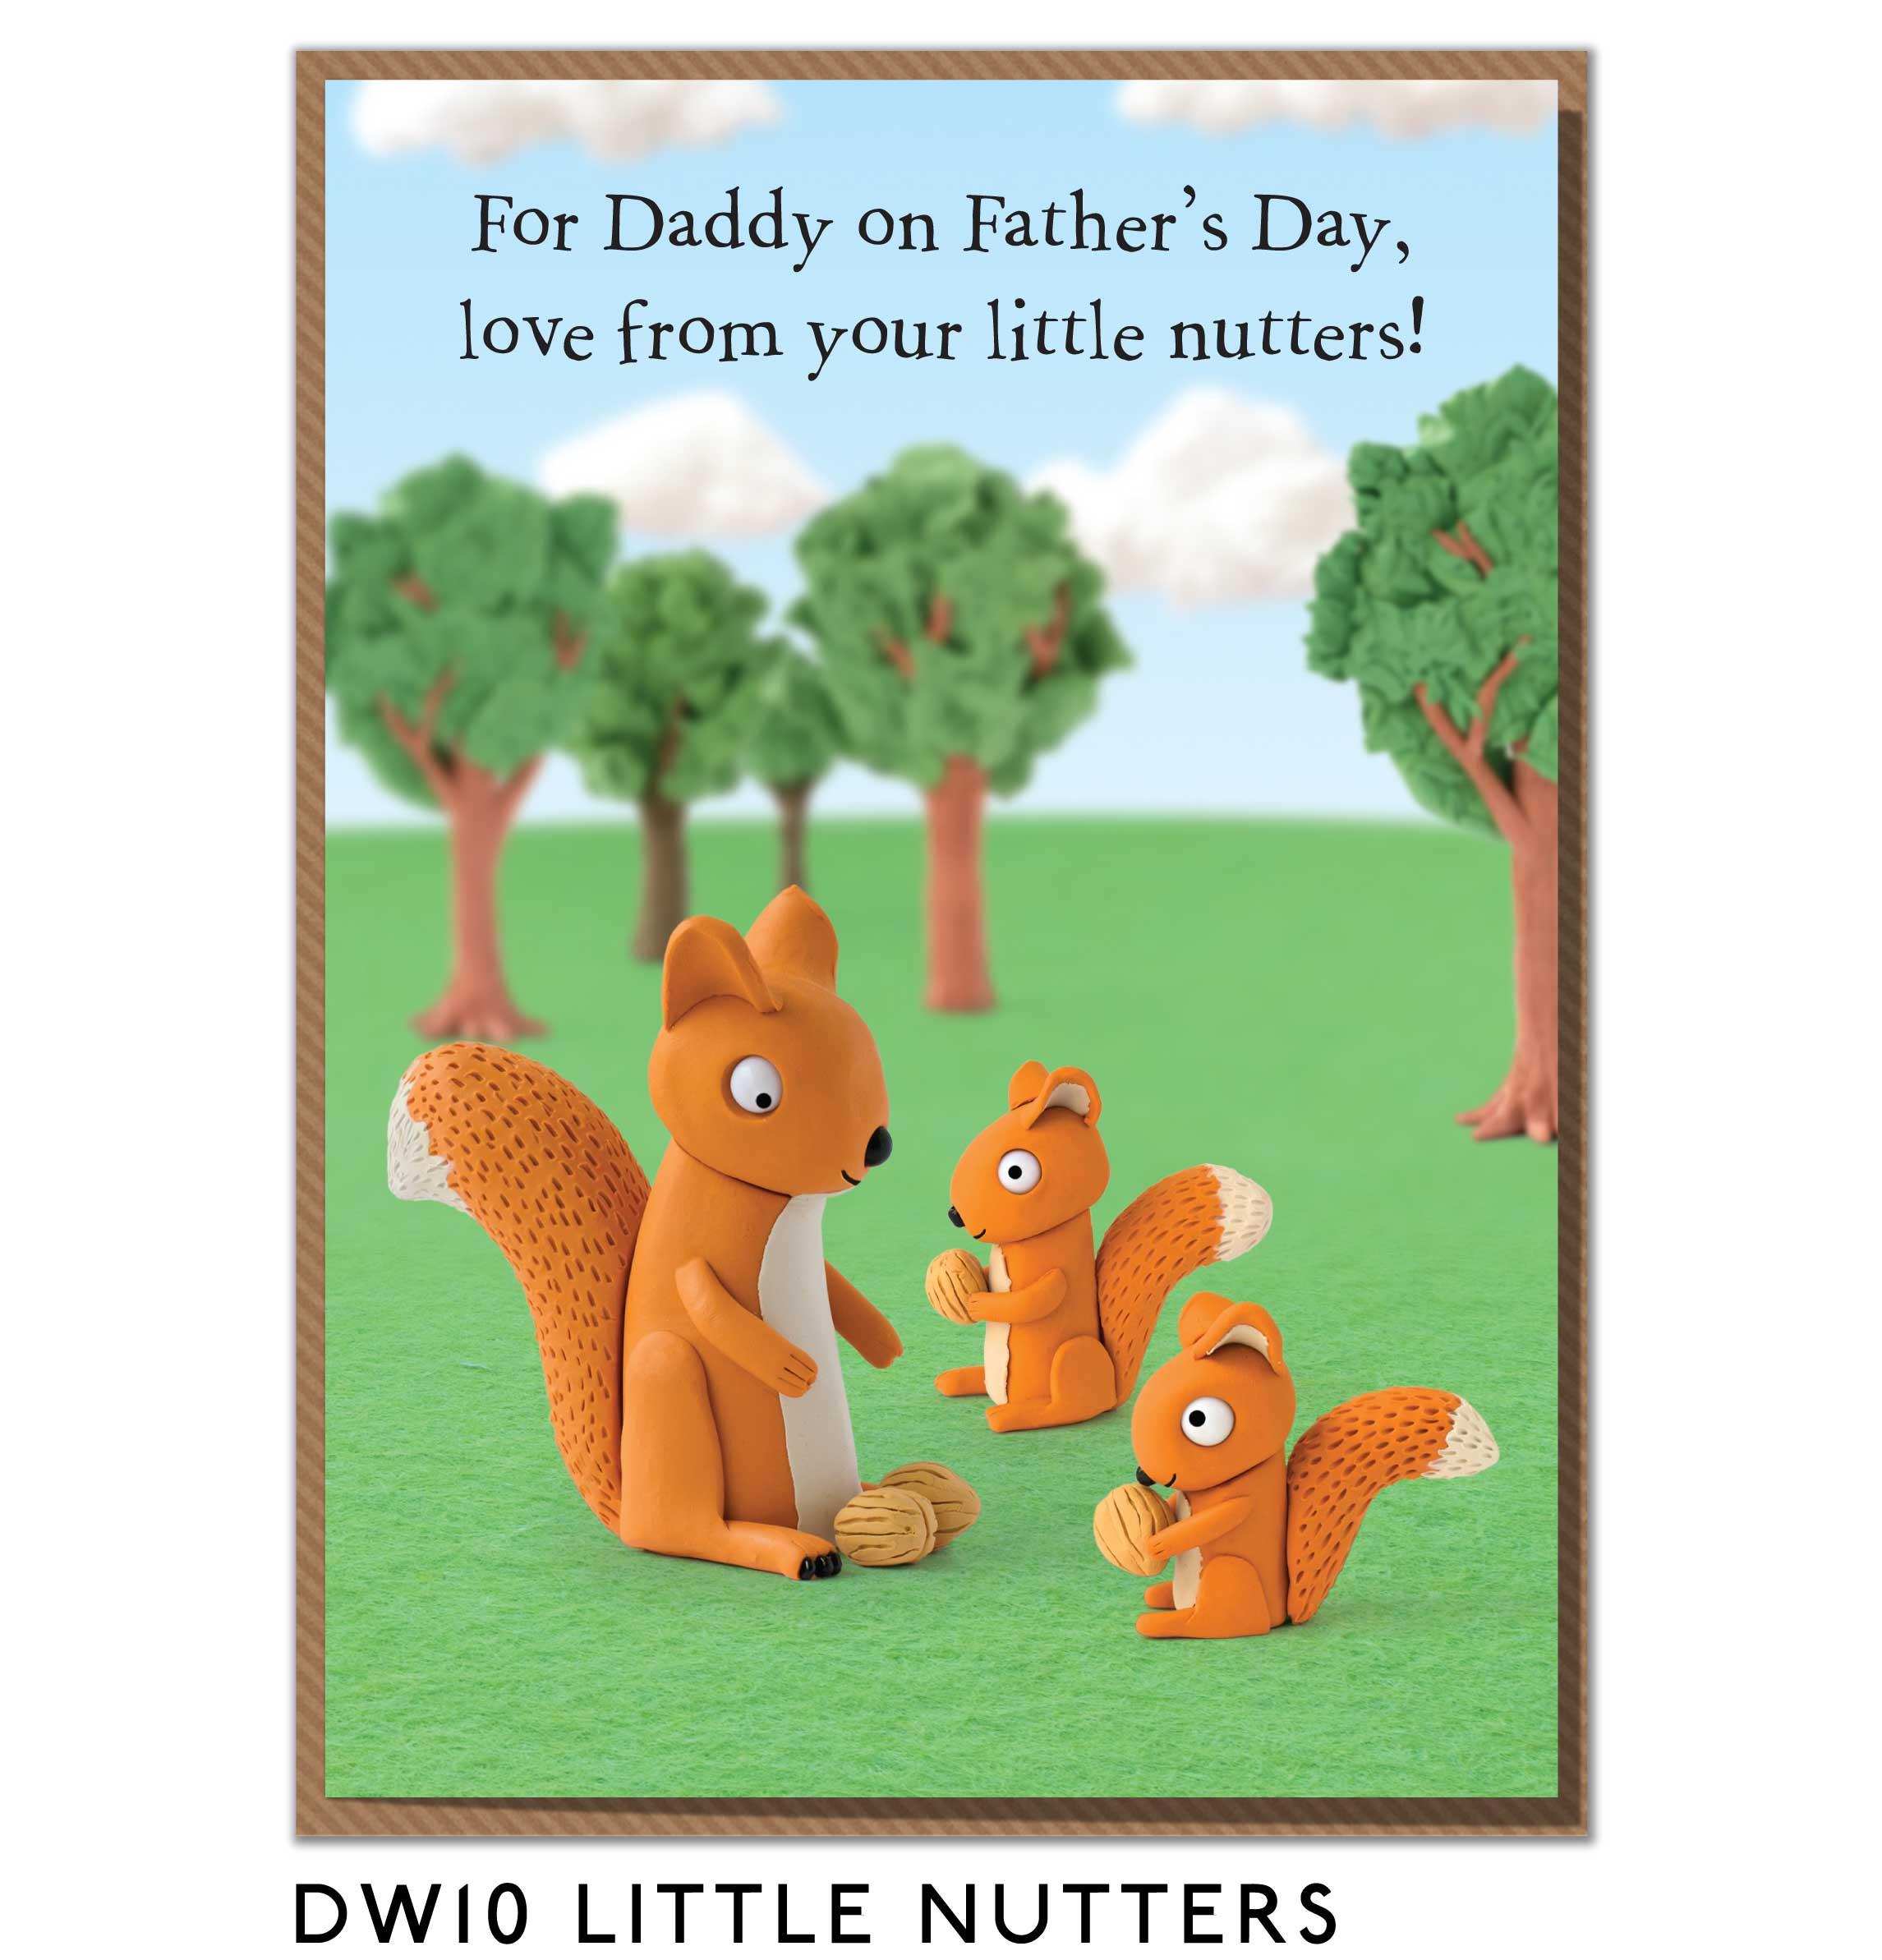 DW10-LITTLE-NUTTERS.jpg